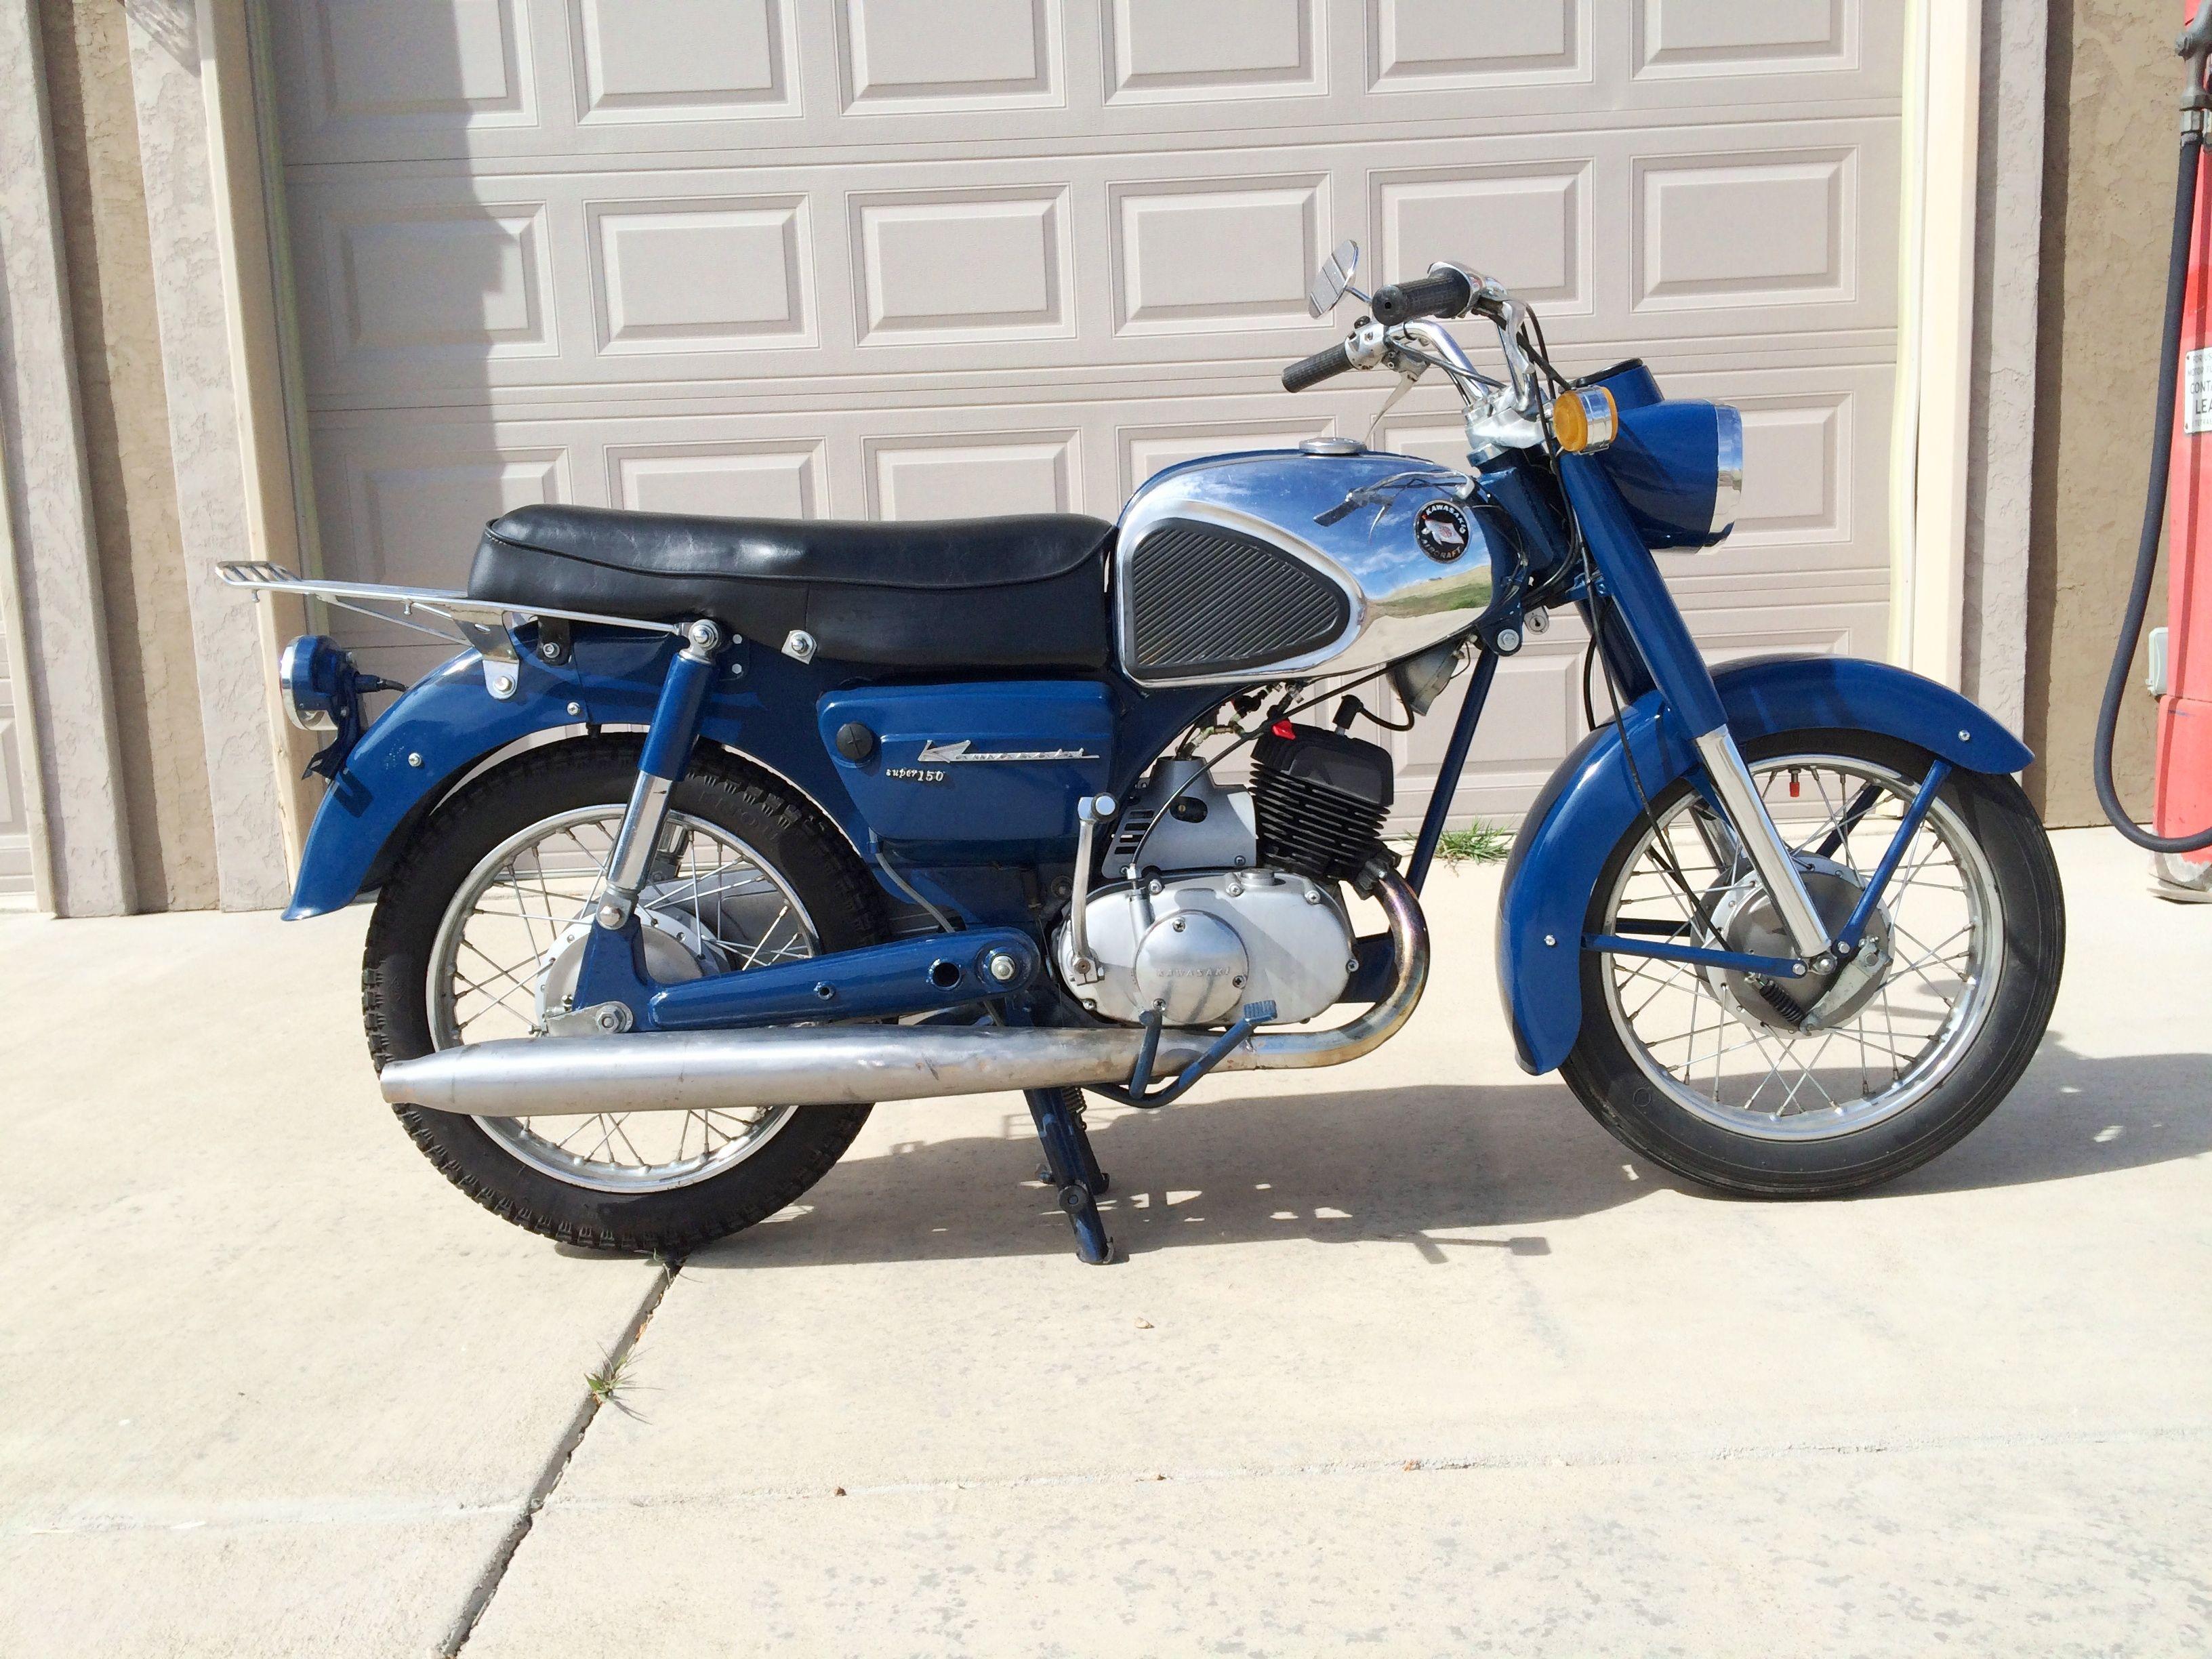 1965 Kawasaki B8S